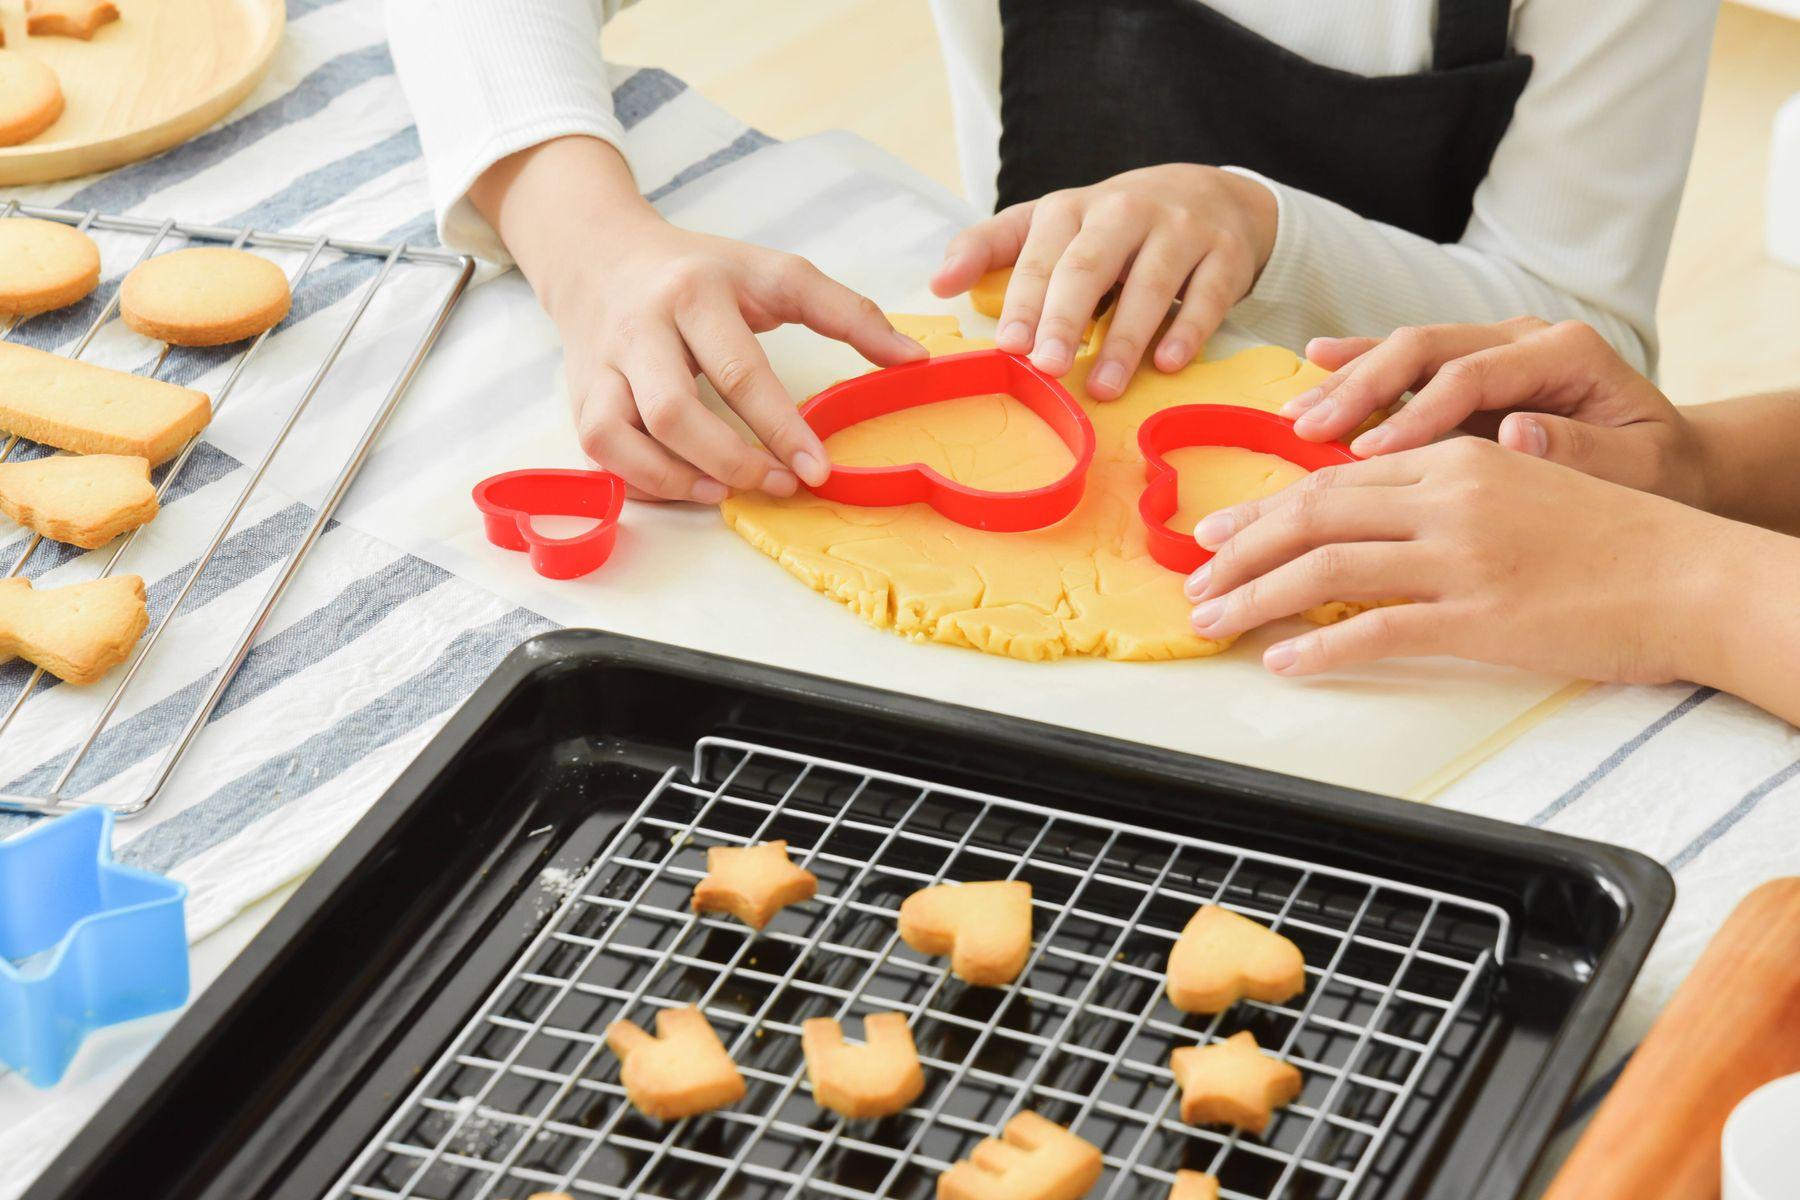 Tips Bersihkan Peralatan Dapur untuk Membuat Kue Kering